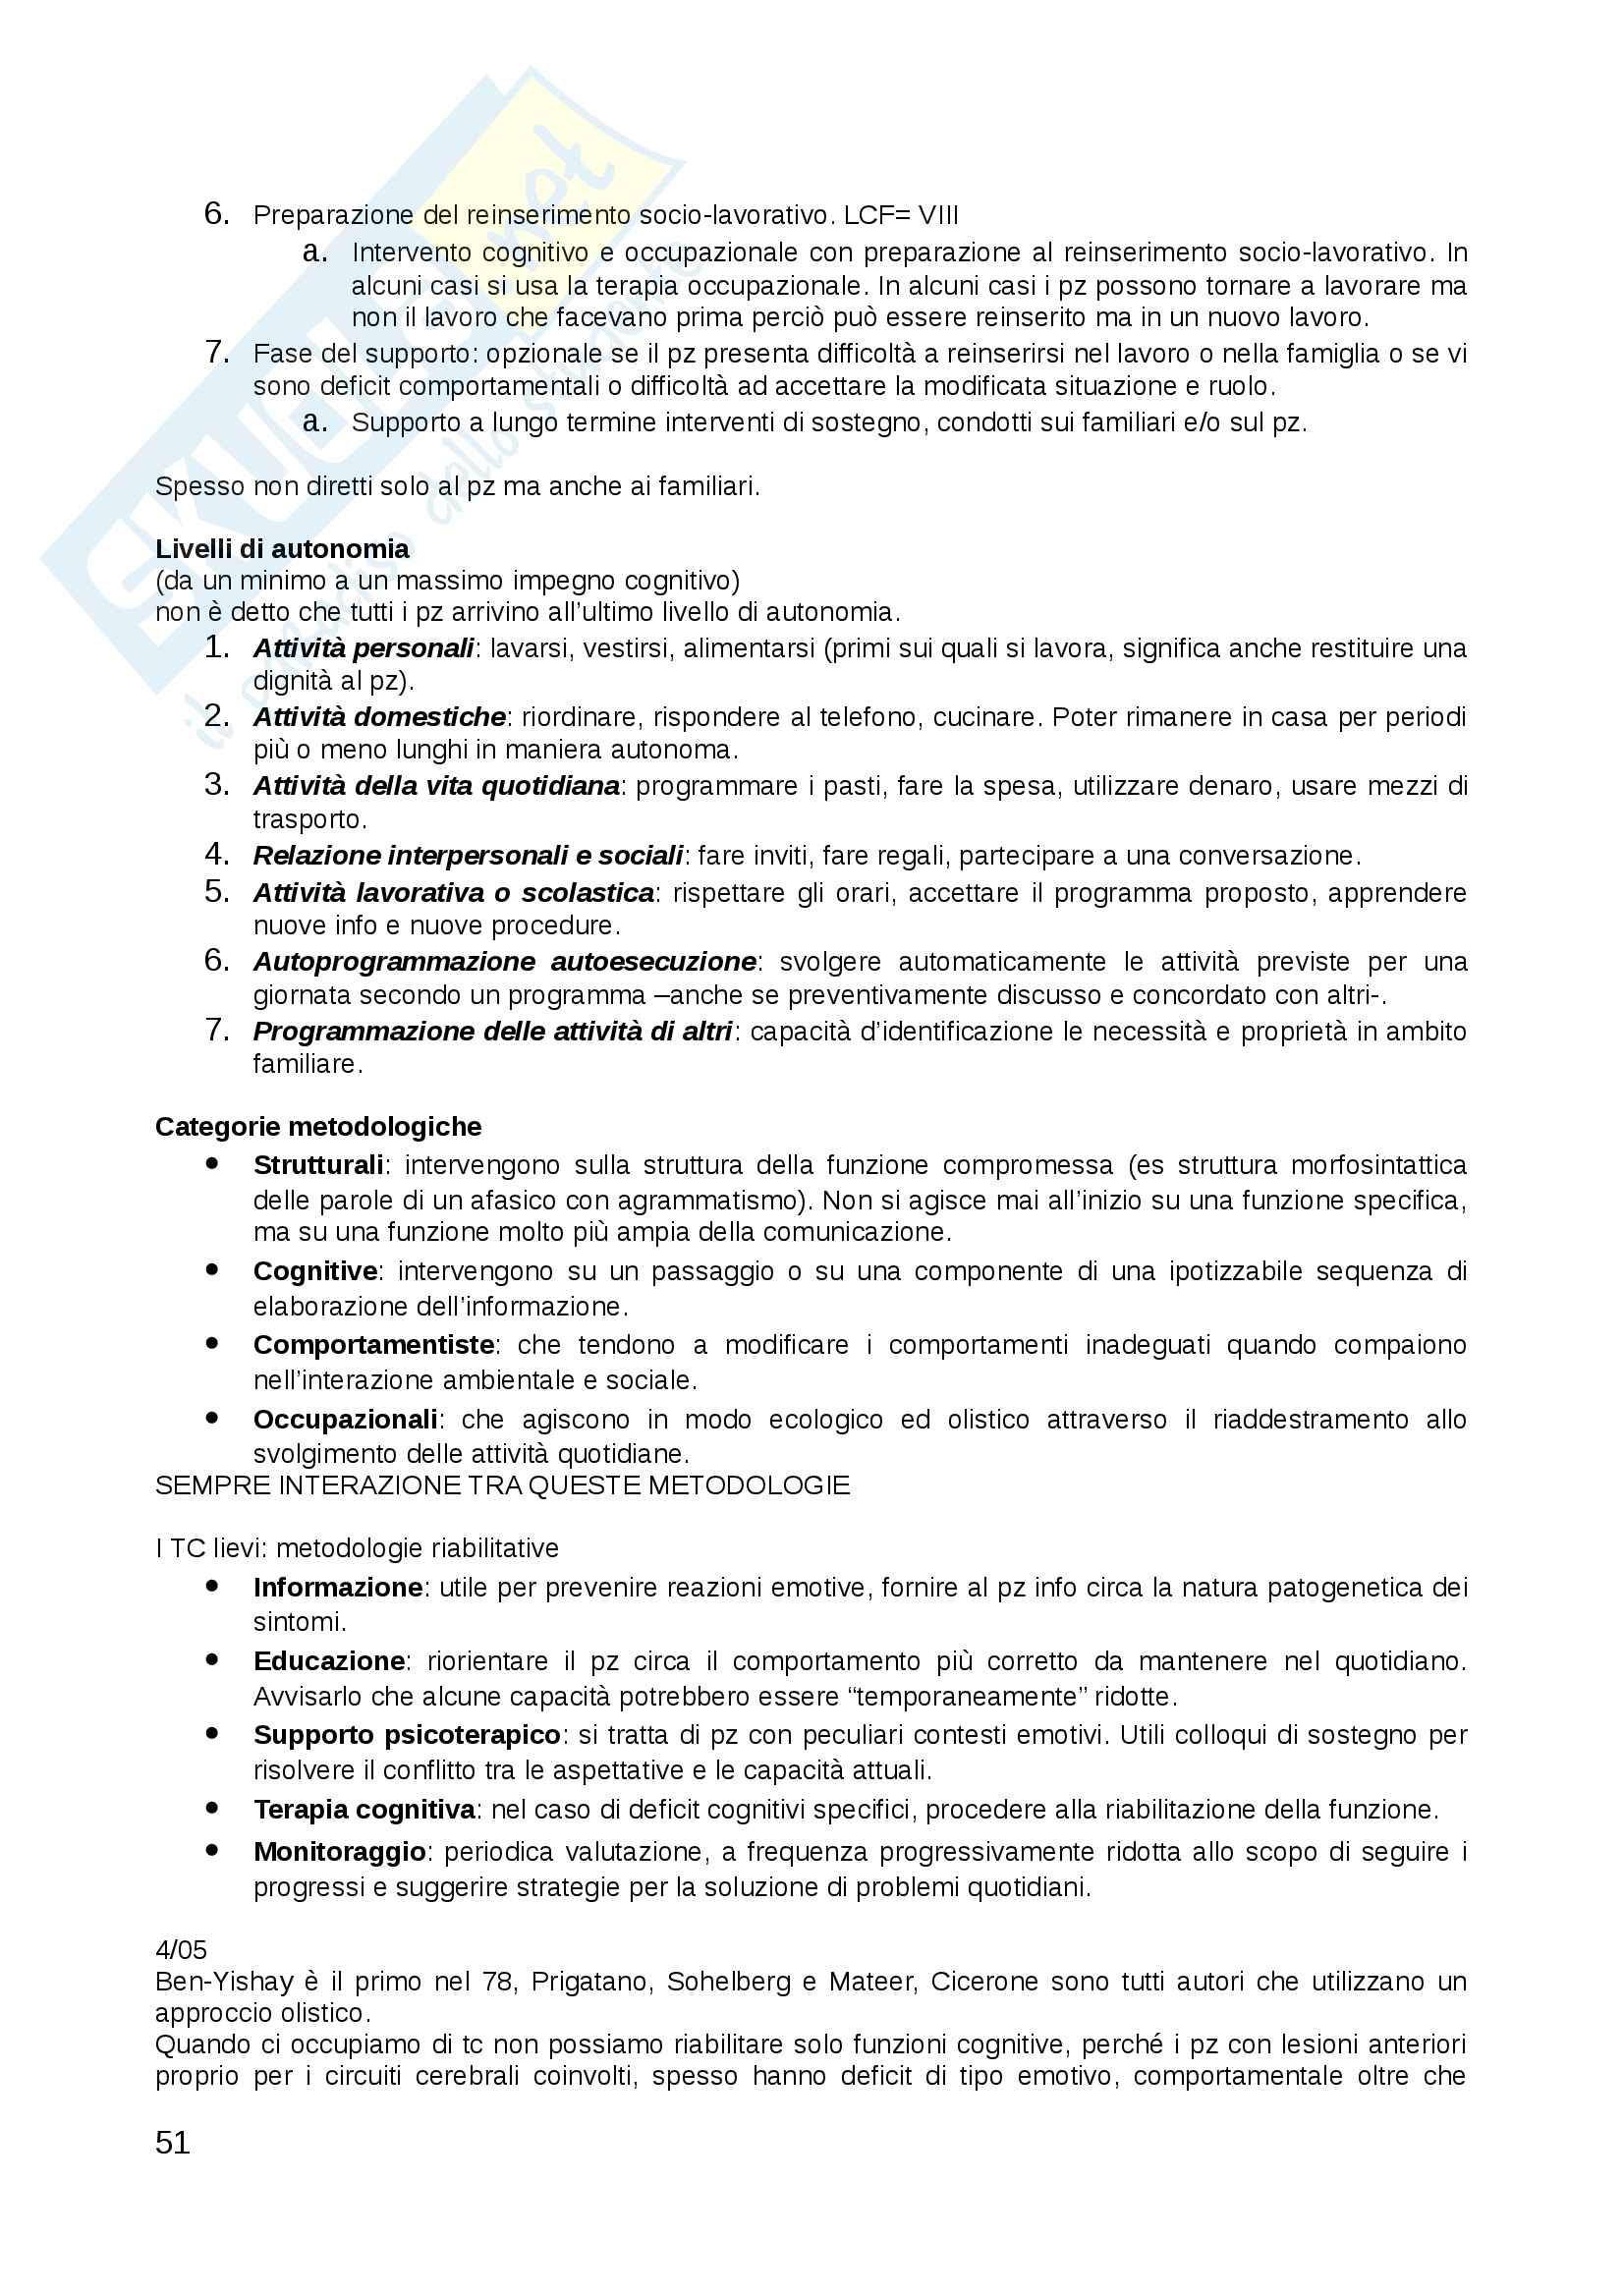 Appunti personali presi in aula Riabilitazione neuropsicologica, docente Mapelli Pag. 51